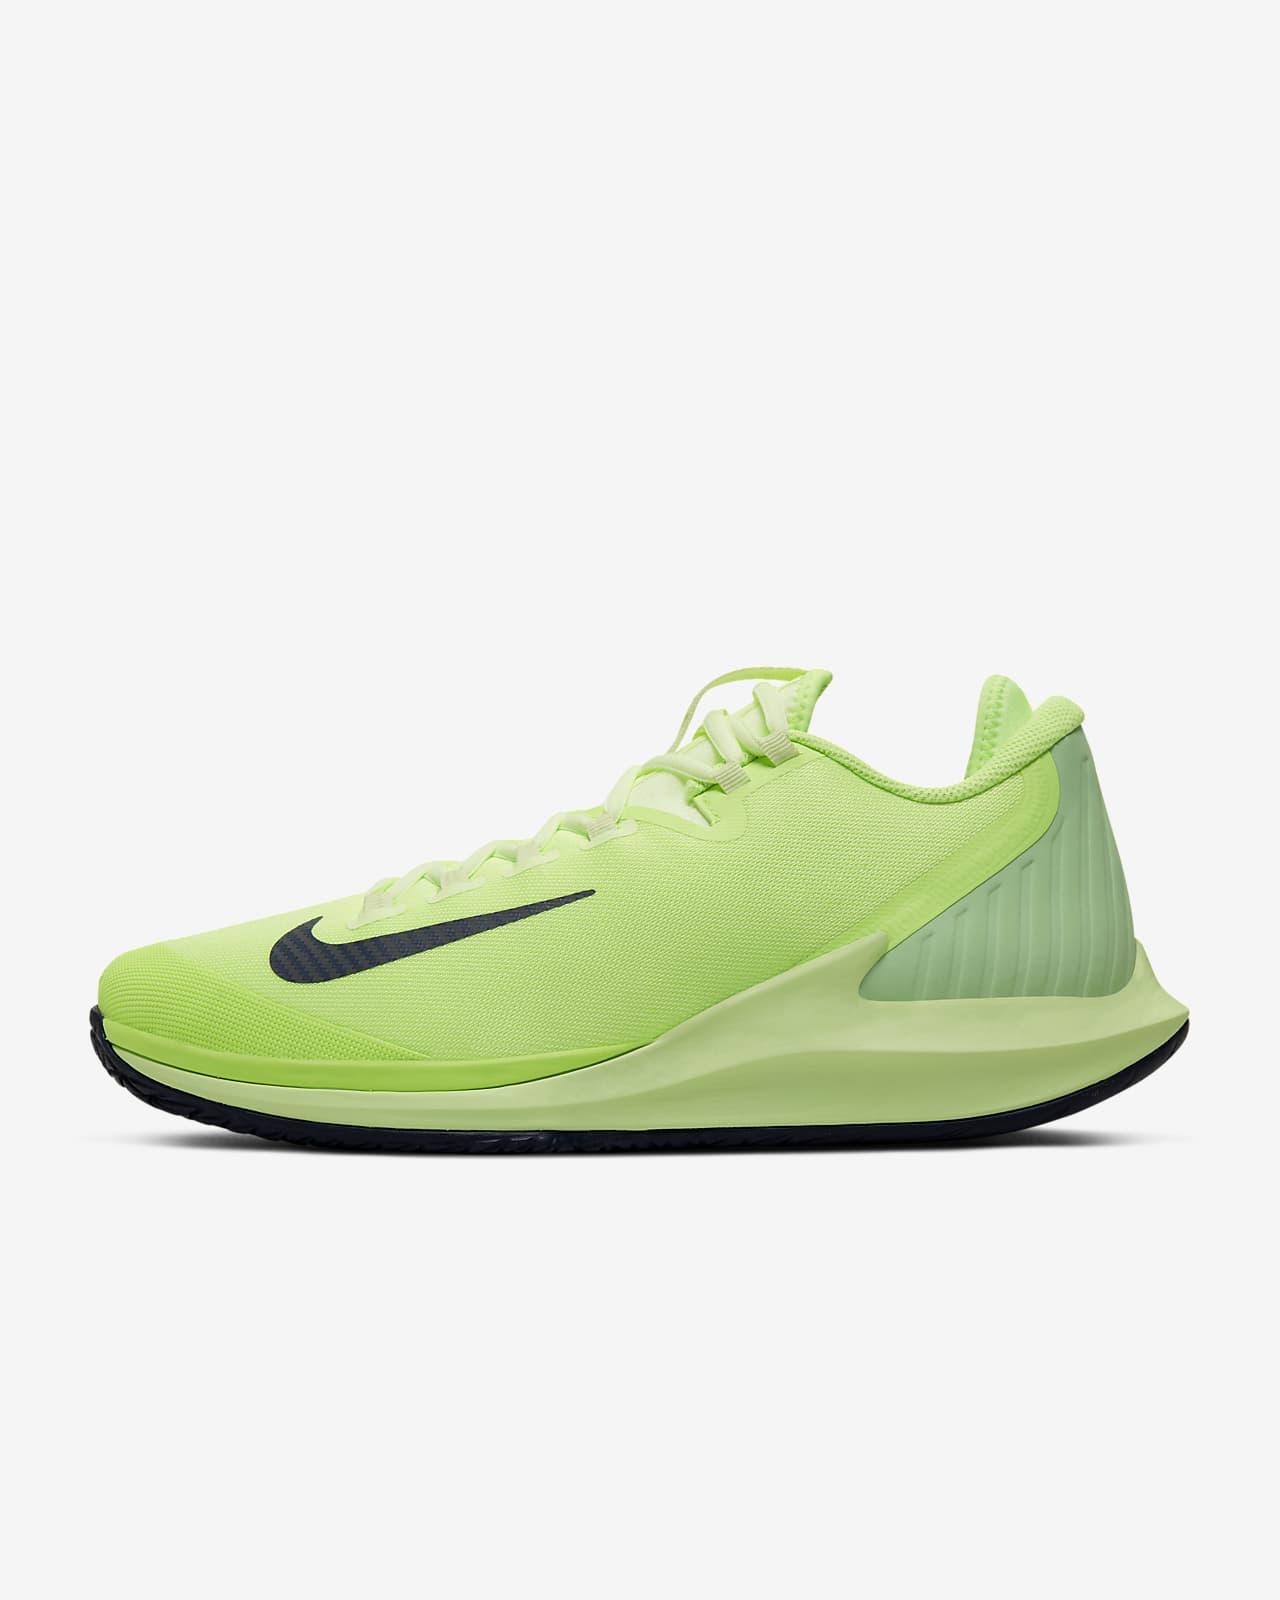 nike zapatos tennis